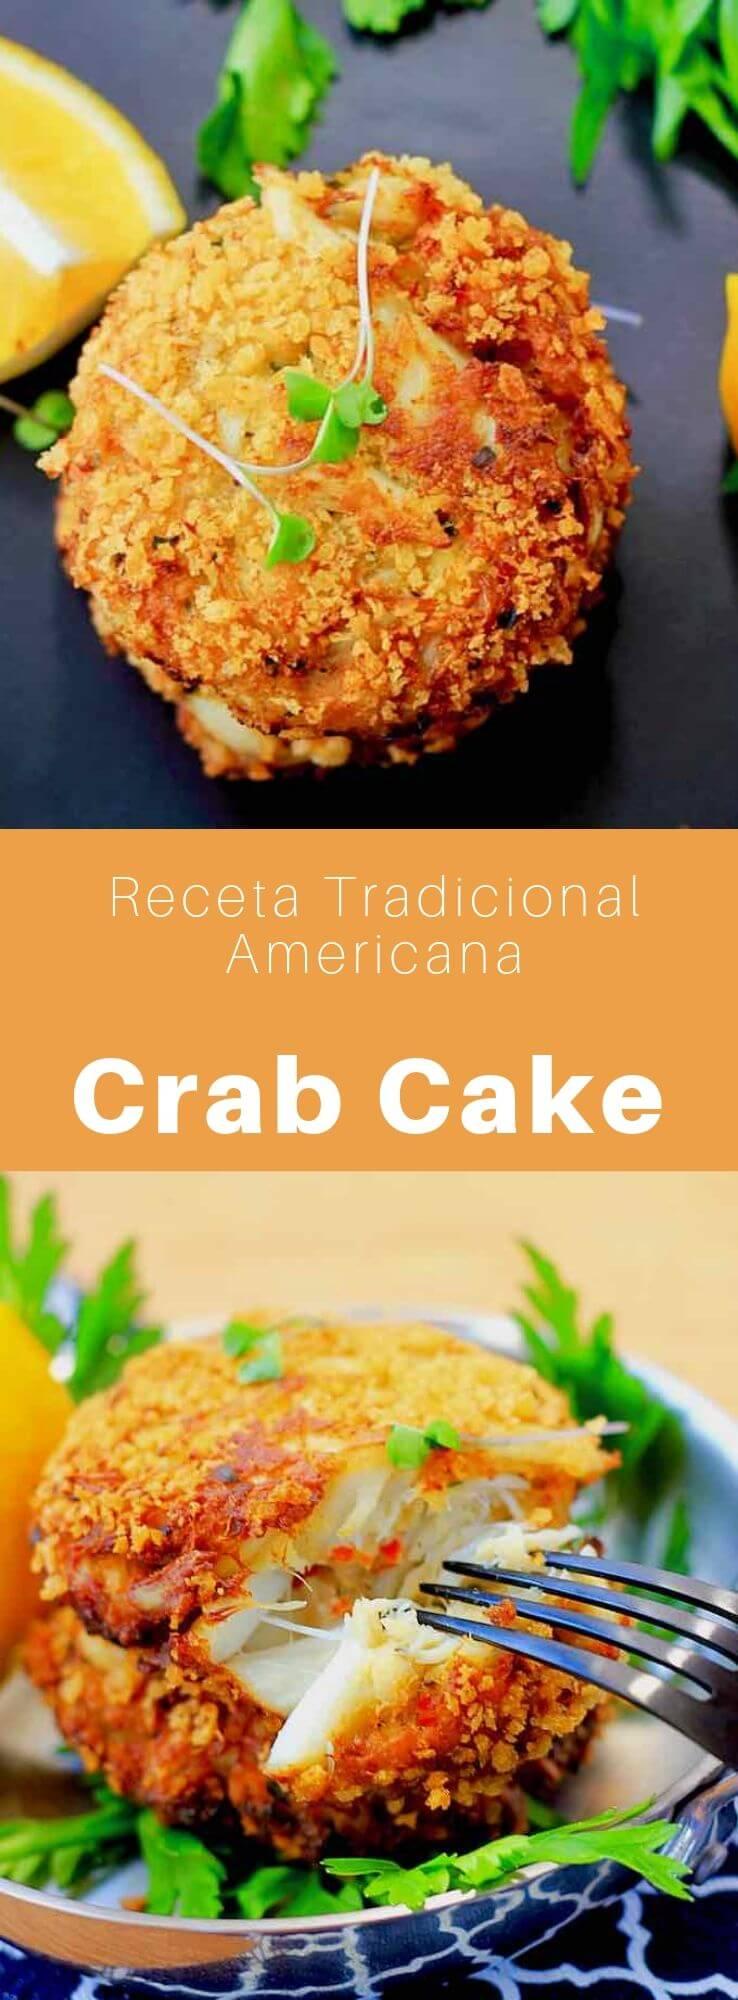 Un pastel de cangrejo es una receta estadounidense popular que se prepara con carne de cangrejo y otros ingredientes como pan rallado, mayonesa, mostaza y huevo. A continuación, se fríe, se saltea, se hornea o se asa a la parrilla.